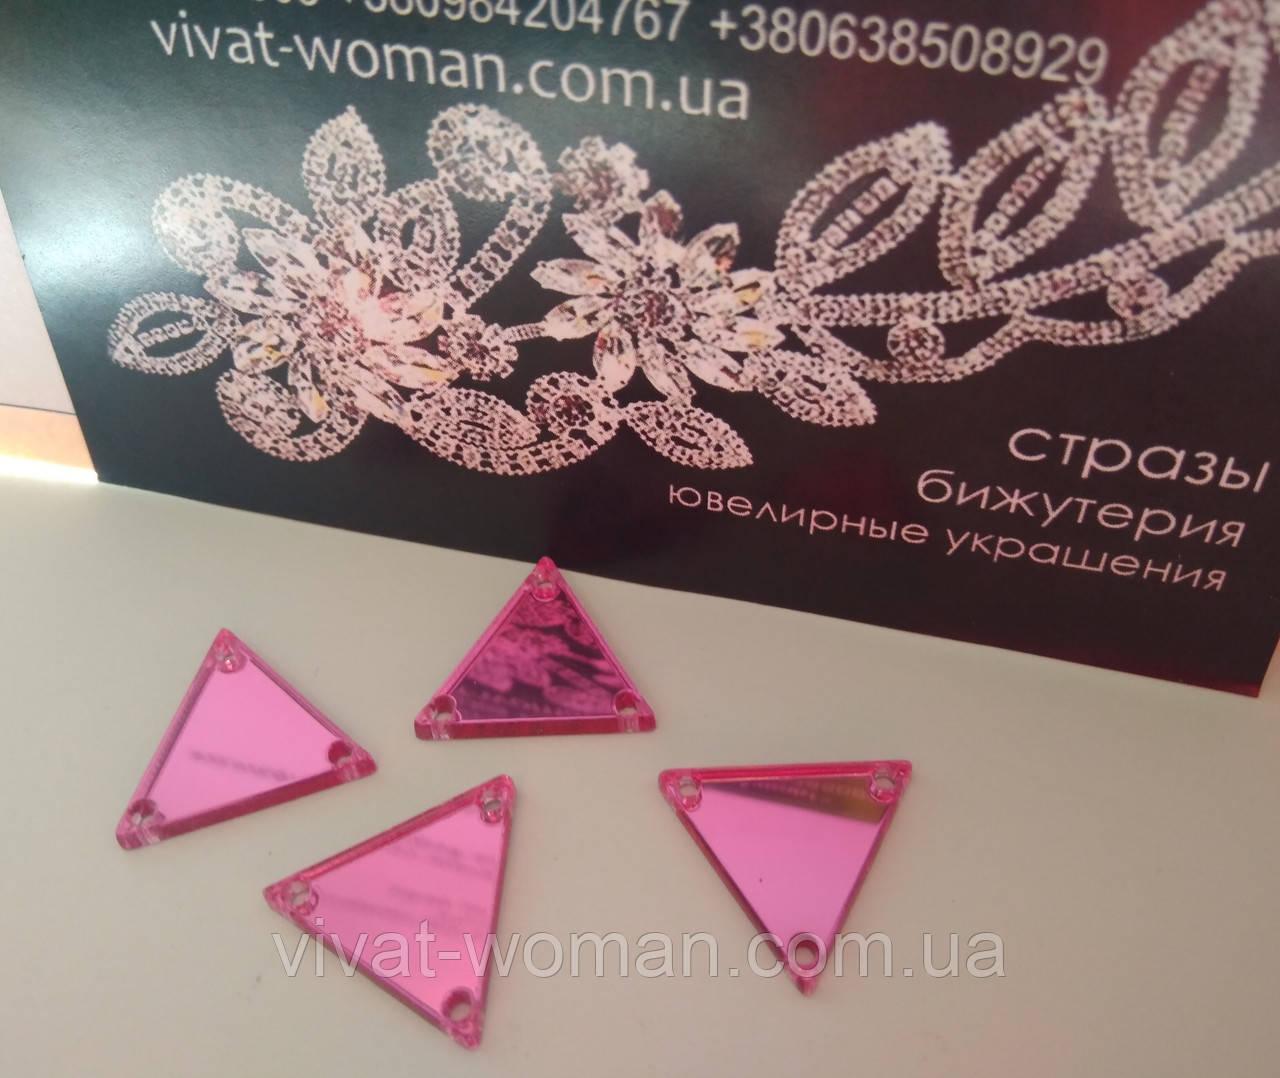 Пришивні дзеркала Rose (рожевий) Форма P08 - 16х16 мм Ціна за 1 шт